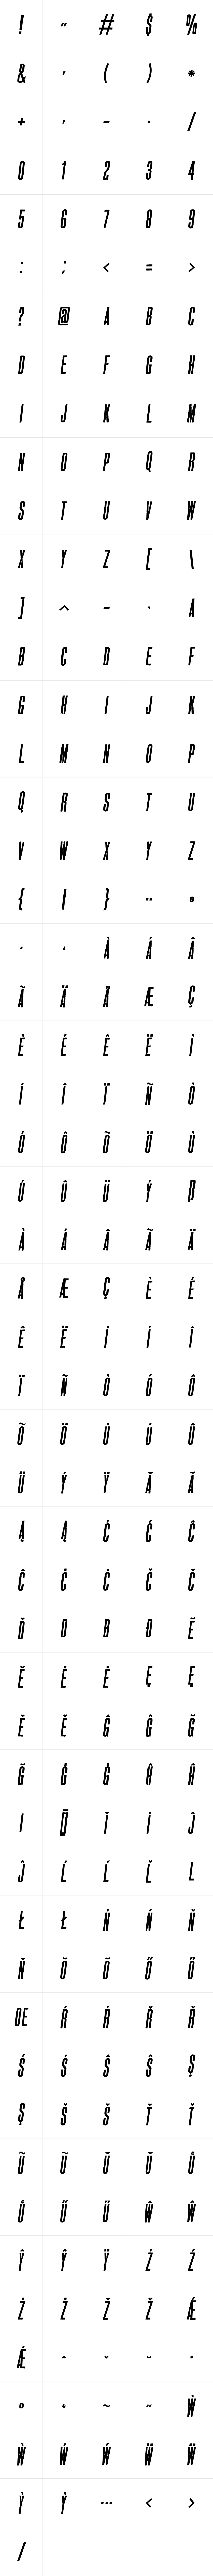 HAINE Italic